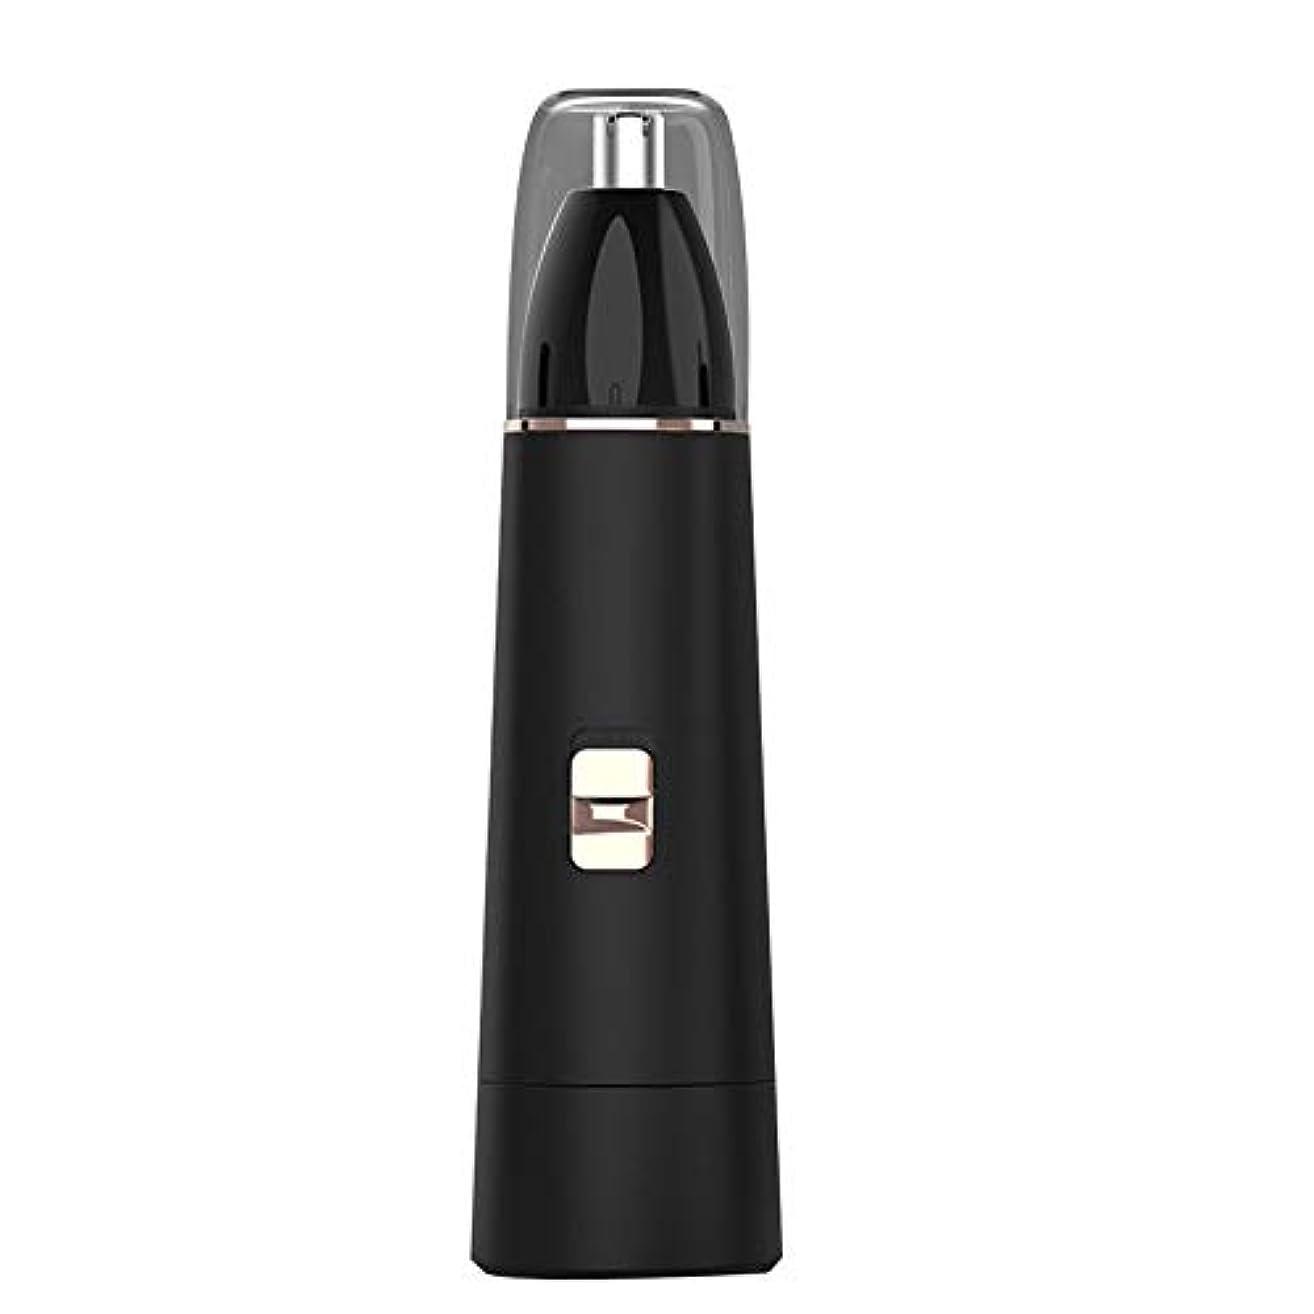 概して鉛筆辞任する鼻毛トリマー-USB充電式電動鼻毛トリマー/ABS素材/多機能 軽度の脱毛